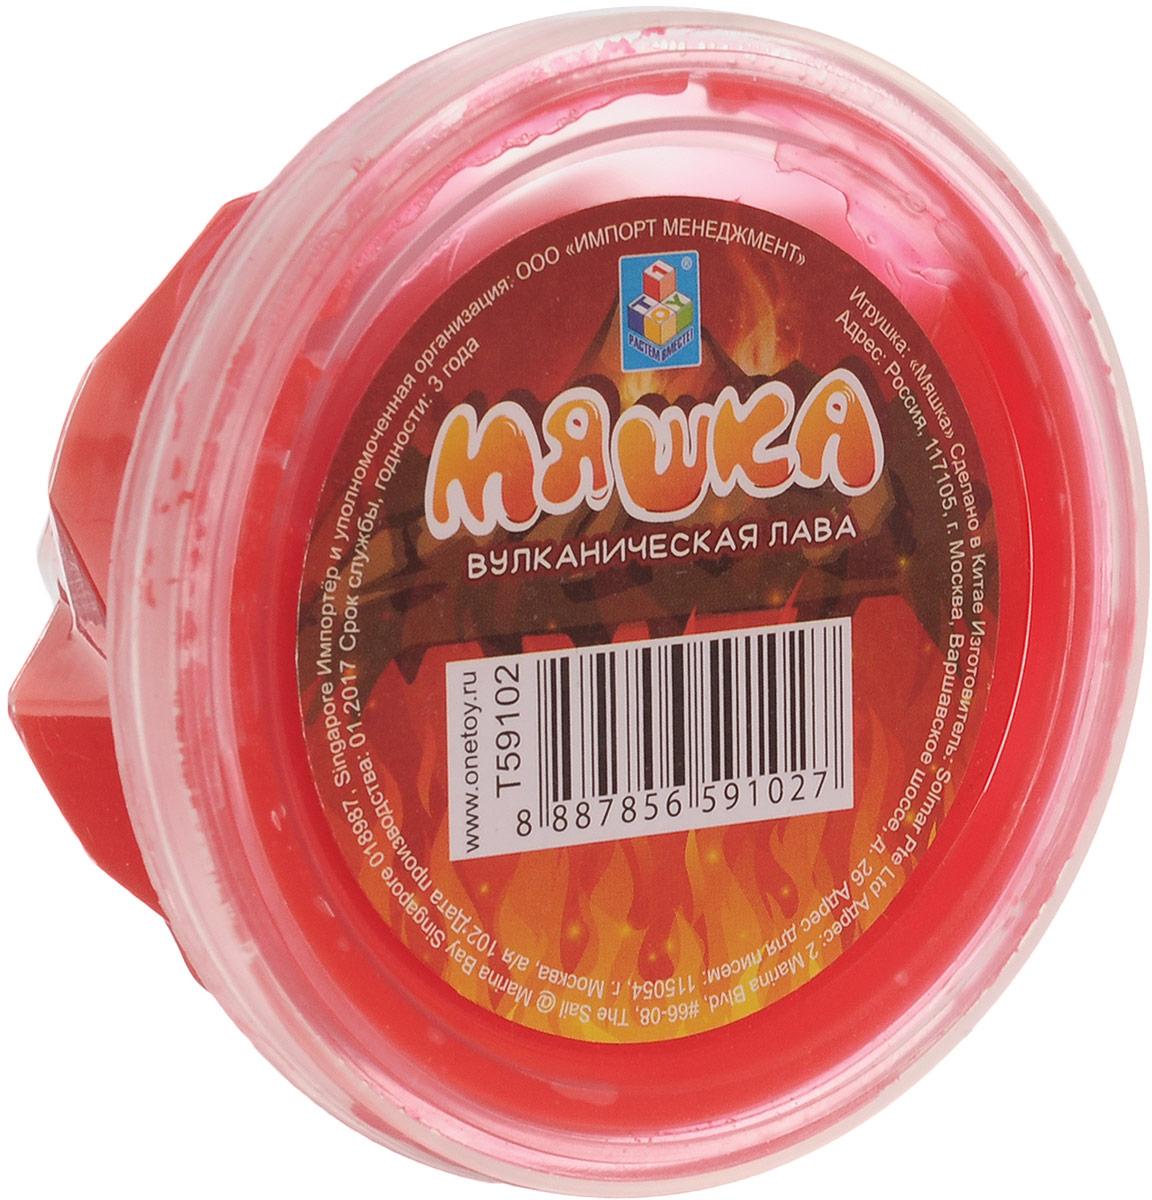 1TOY Жвачка для рук Вулканическая лава 65 г лобзик makita 4329k